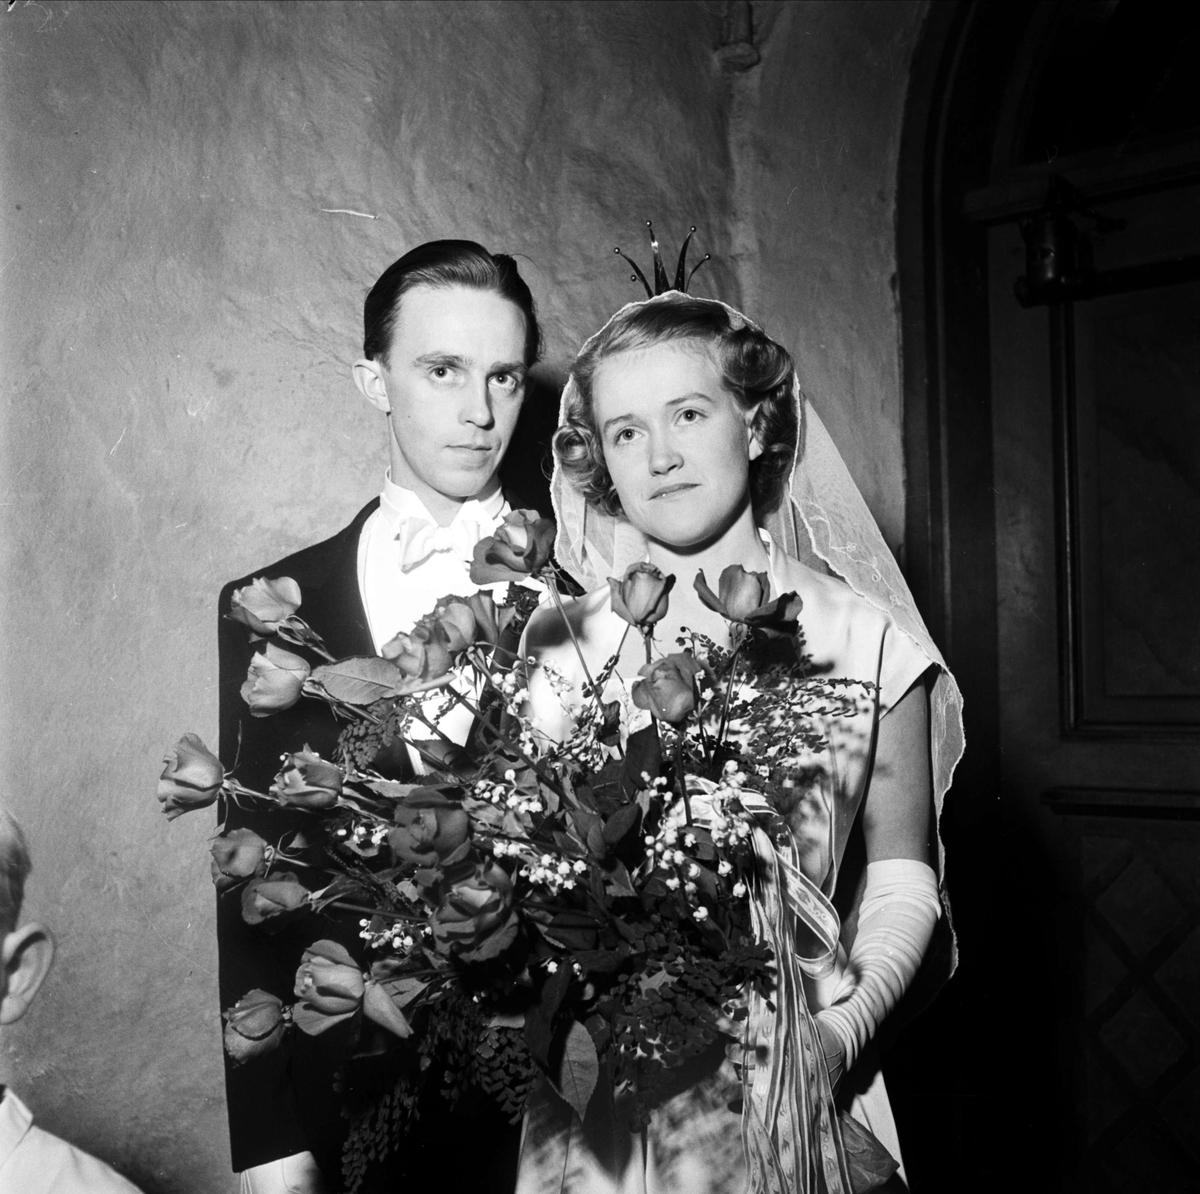 Bröllop - brudpar 1953